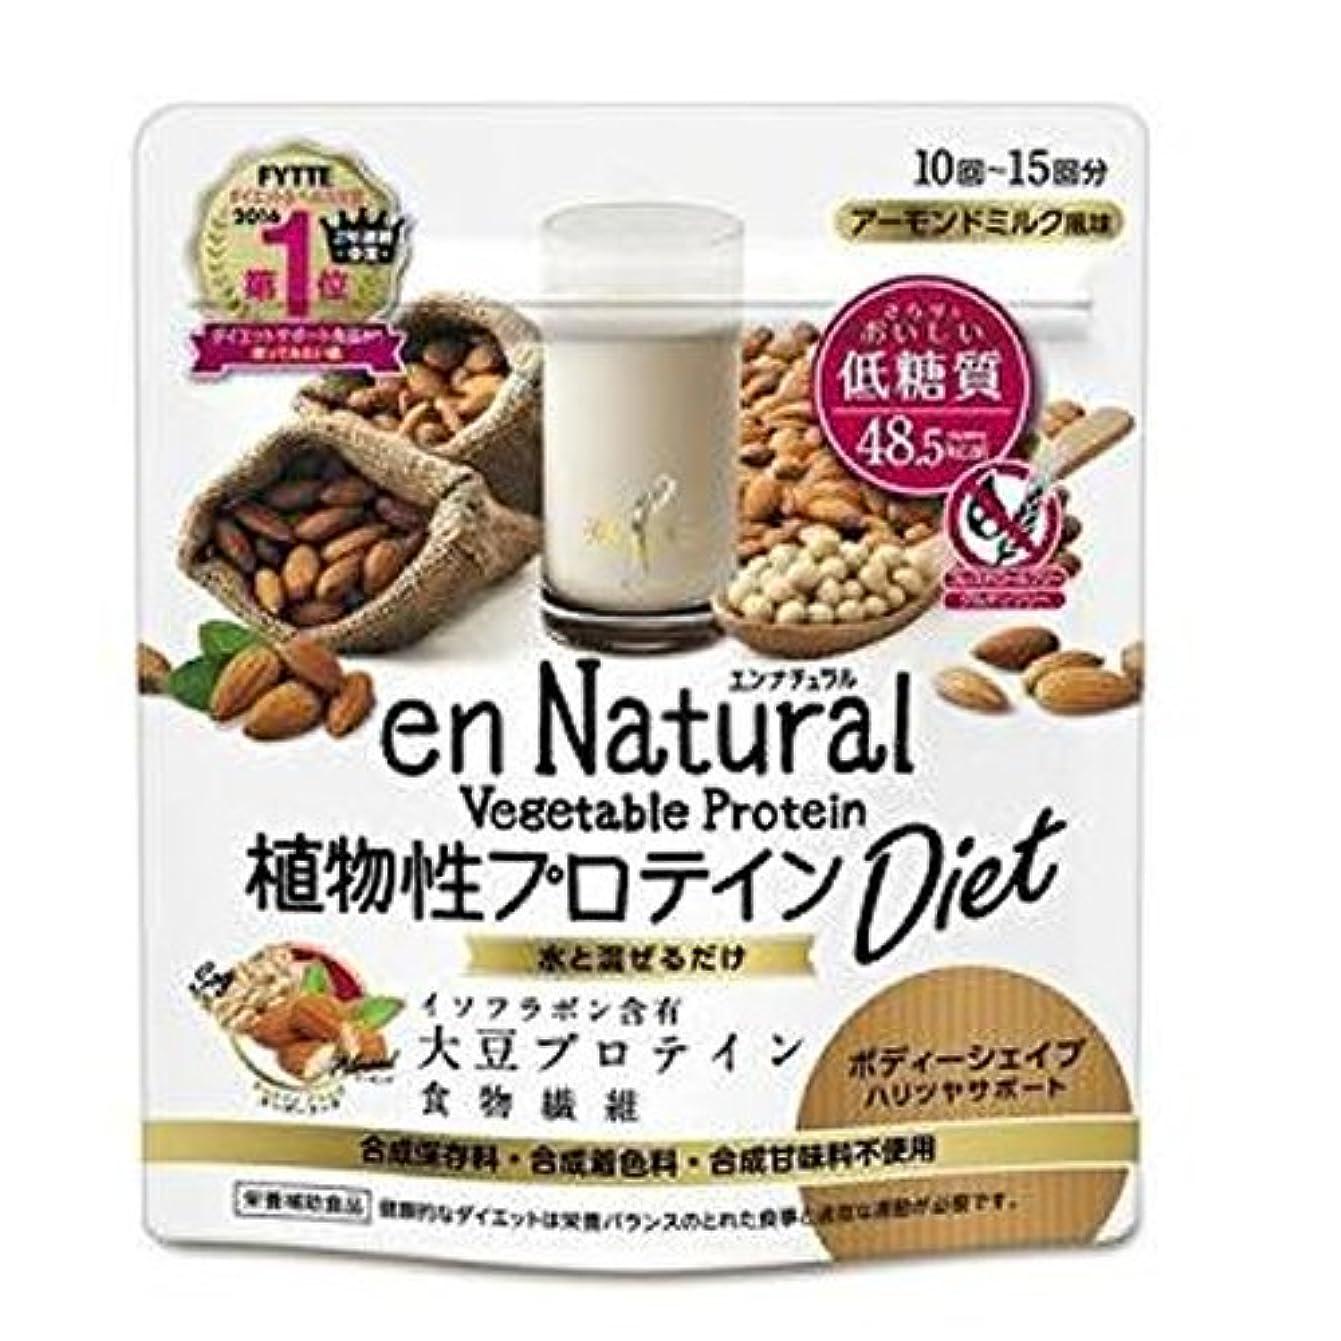 なぜ契約した現実的メタボリック エンナチュラル植物性プロテインダイエット 150g